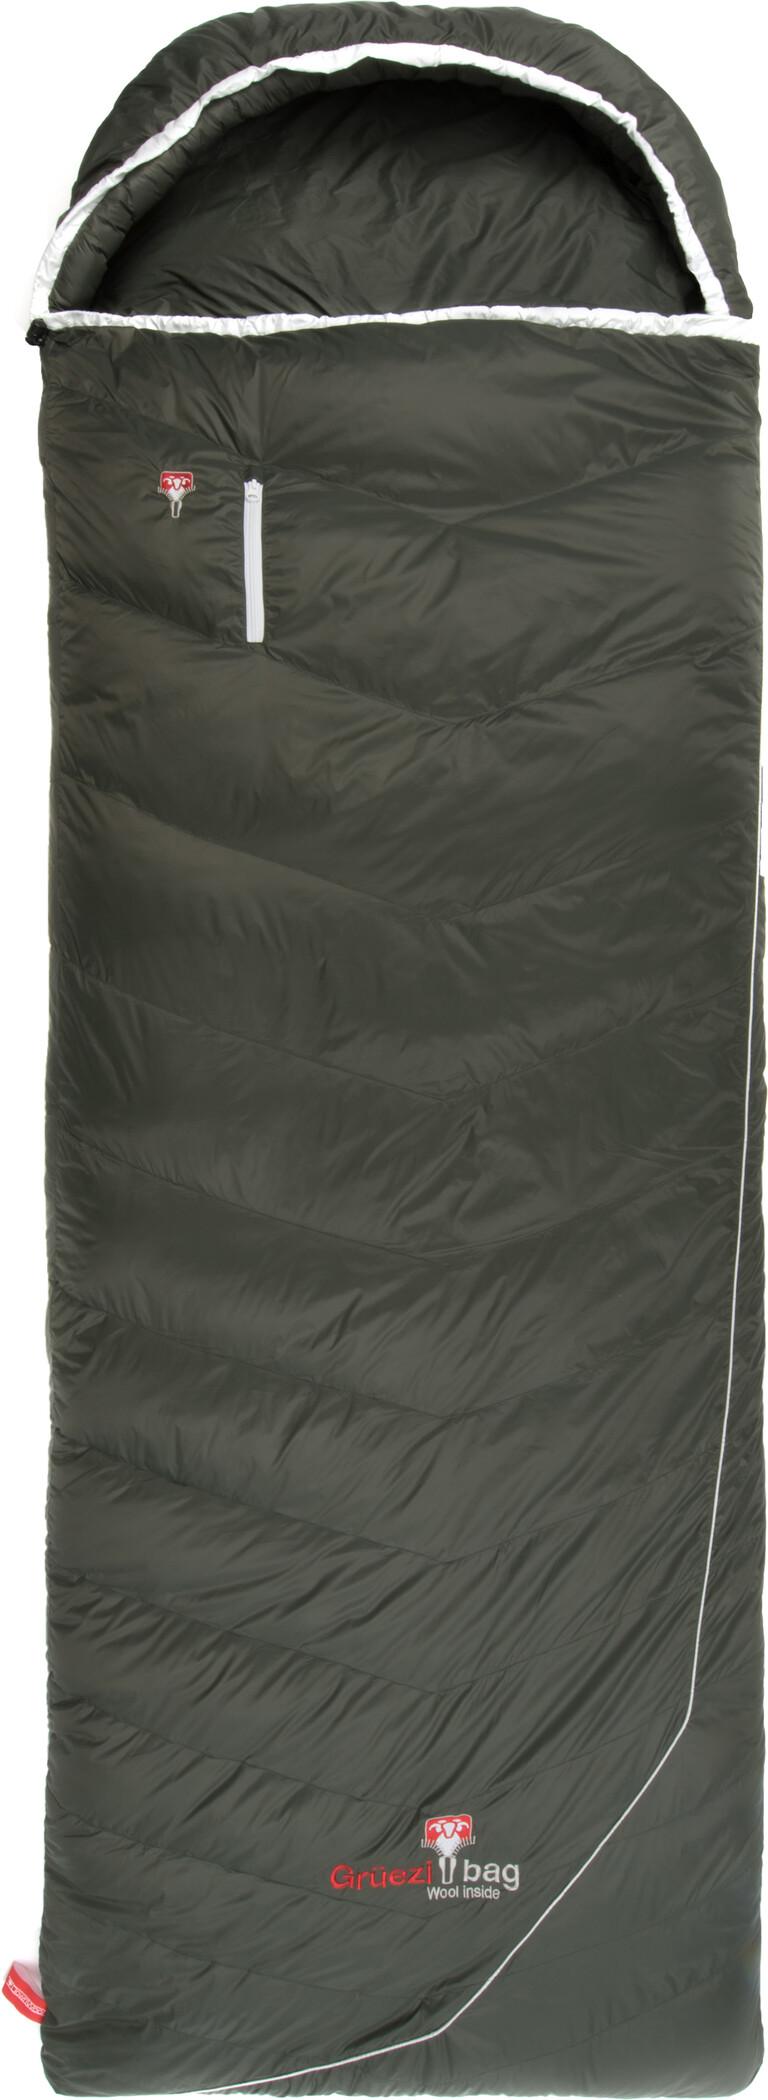 Grüezi-Bag Biopod DownWool Summer Comfort Sovepose, deep forest | Transport og opbevaring > Tilbehør